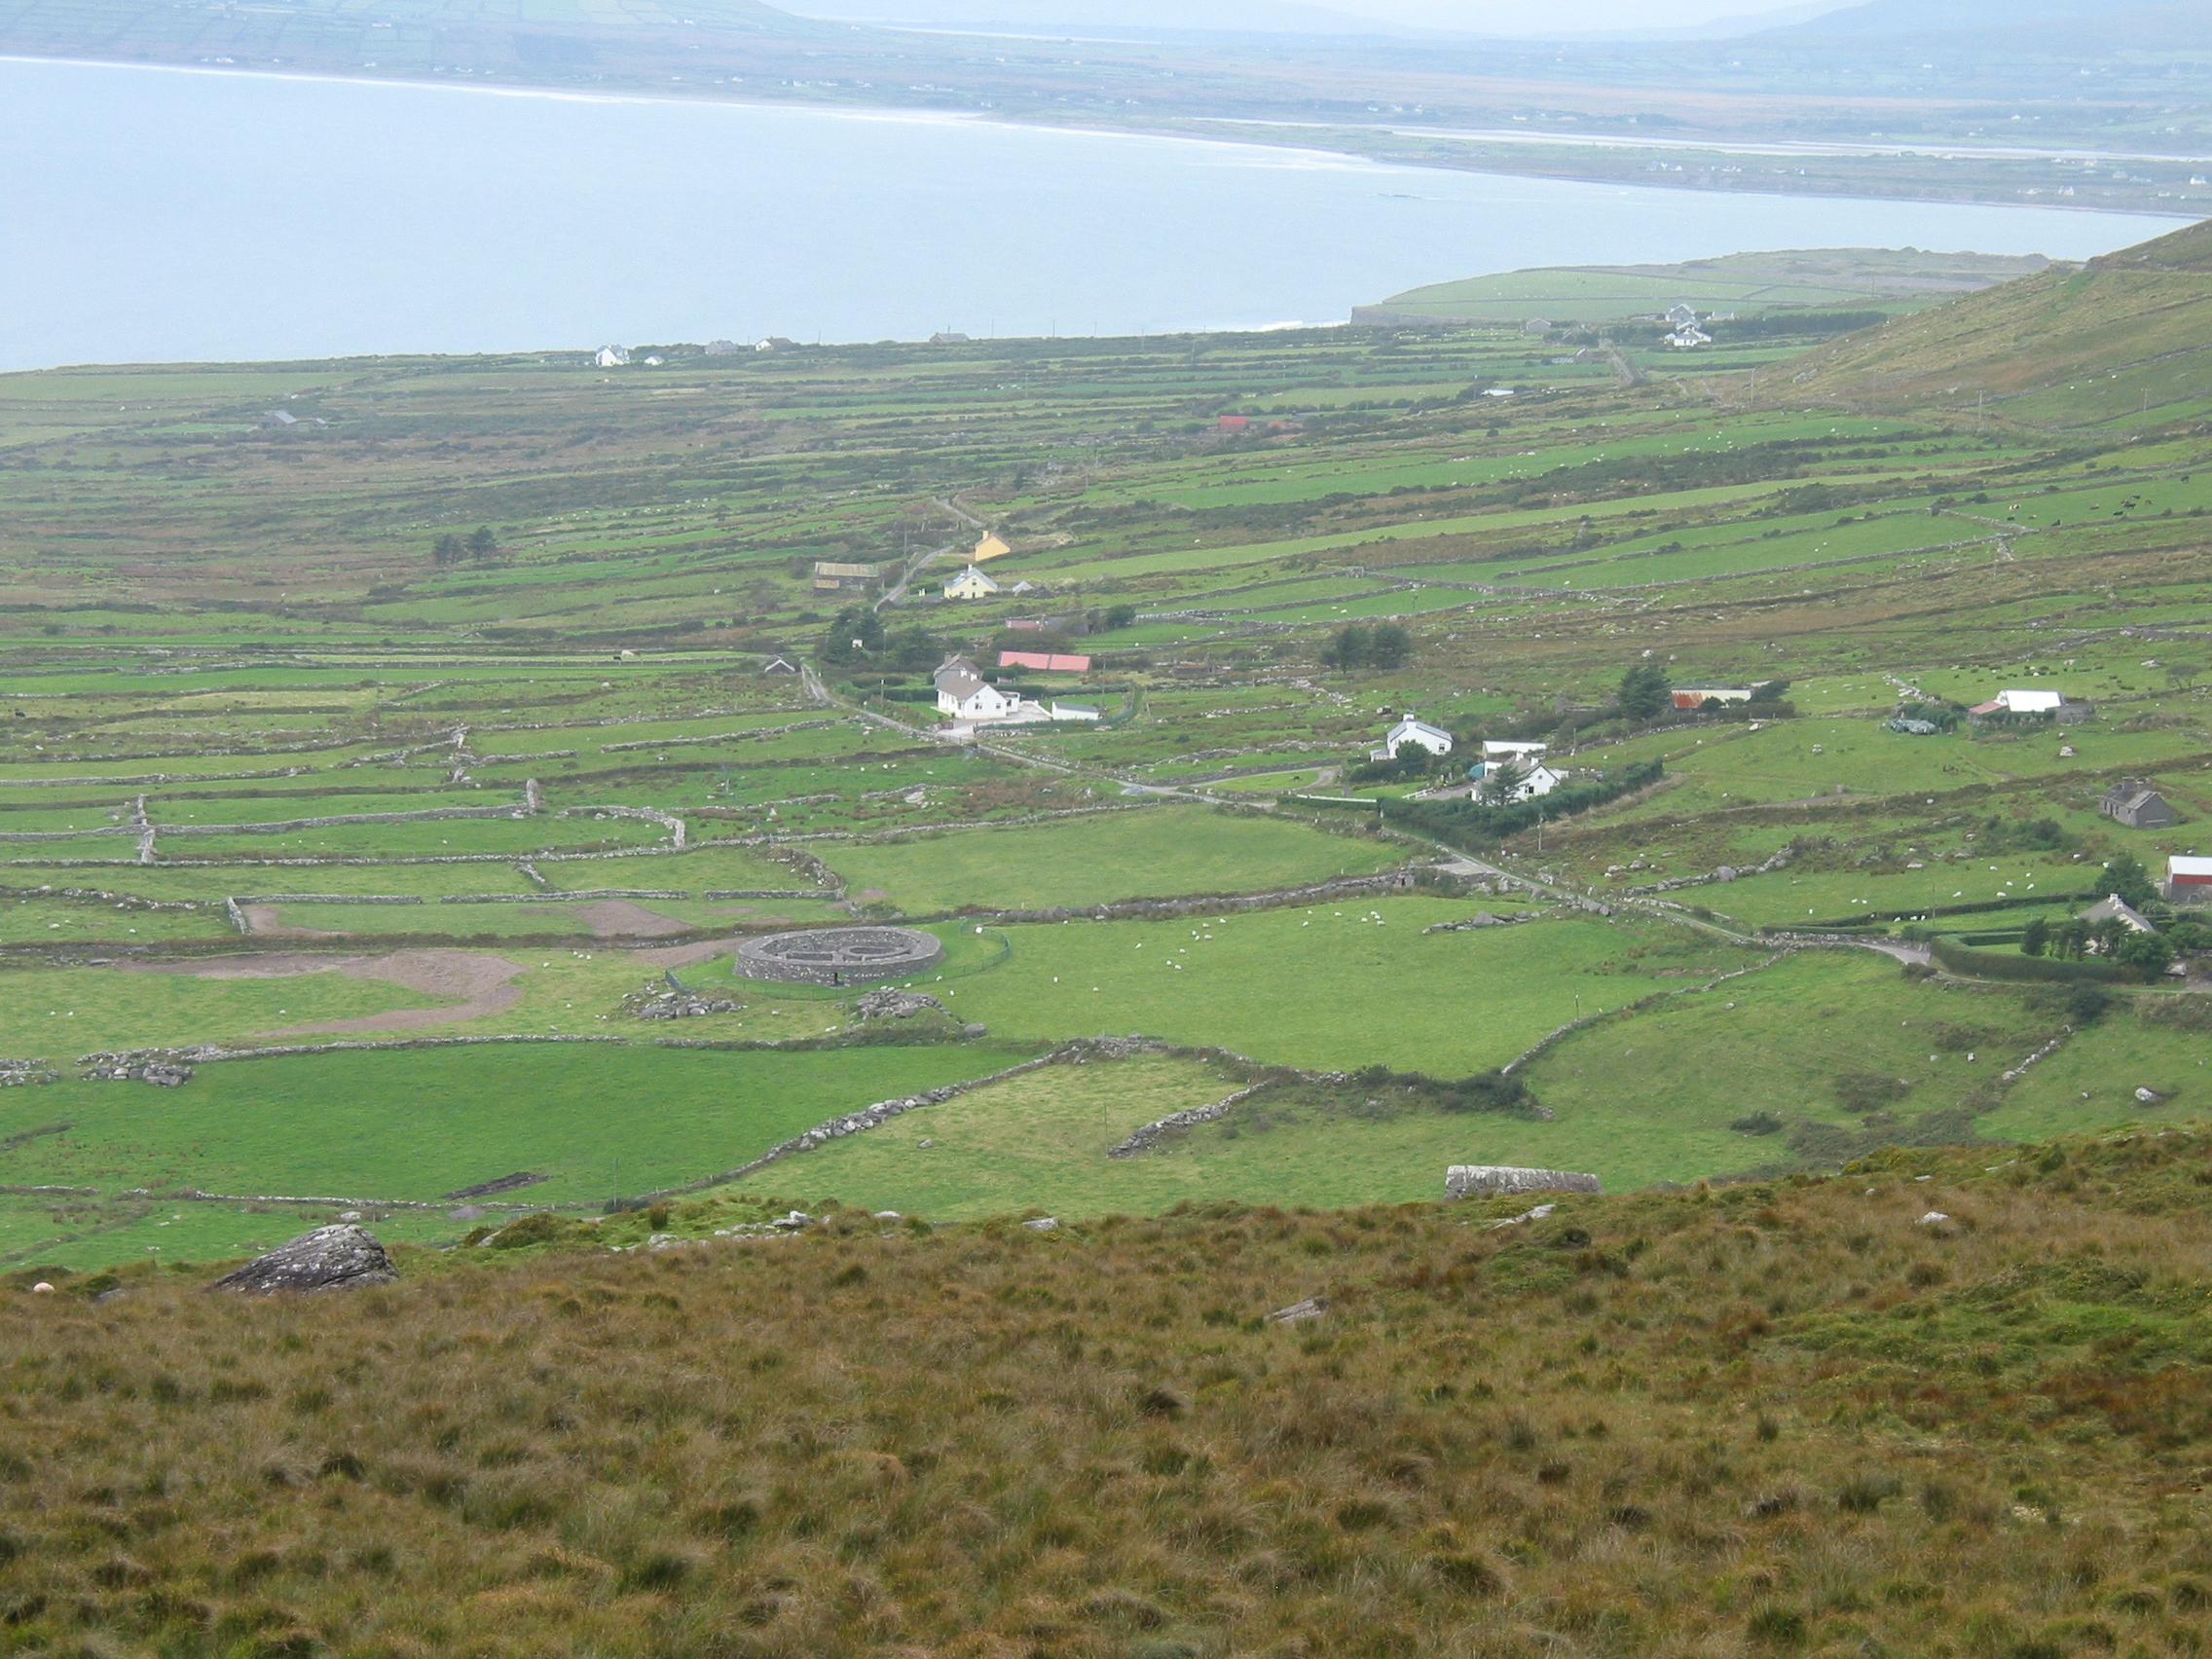 Mindful of Ireland